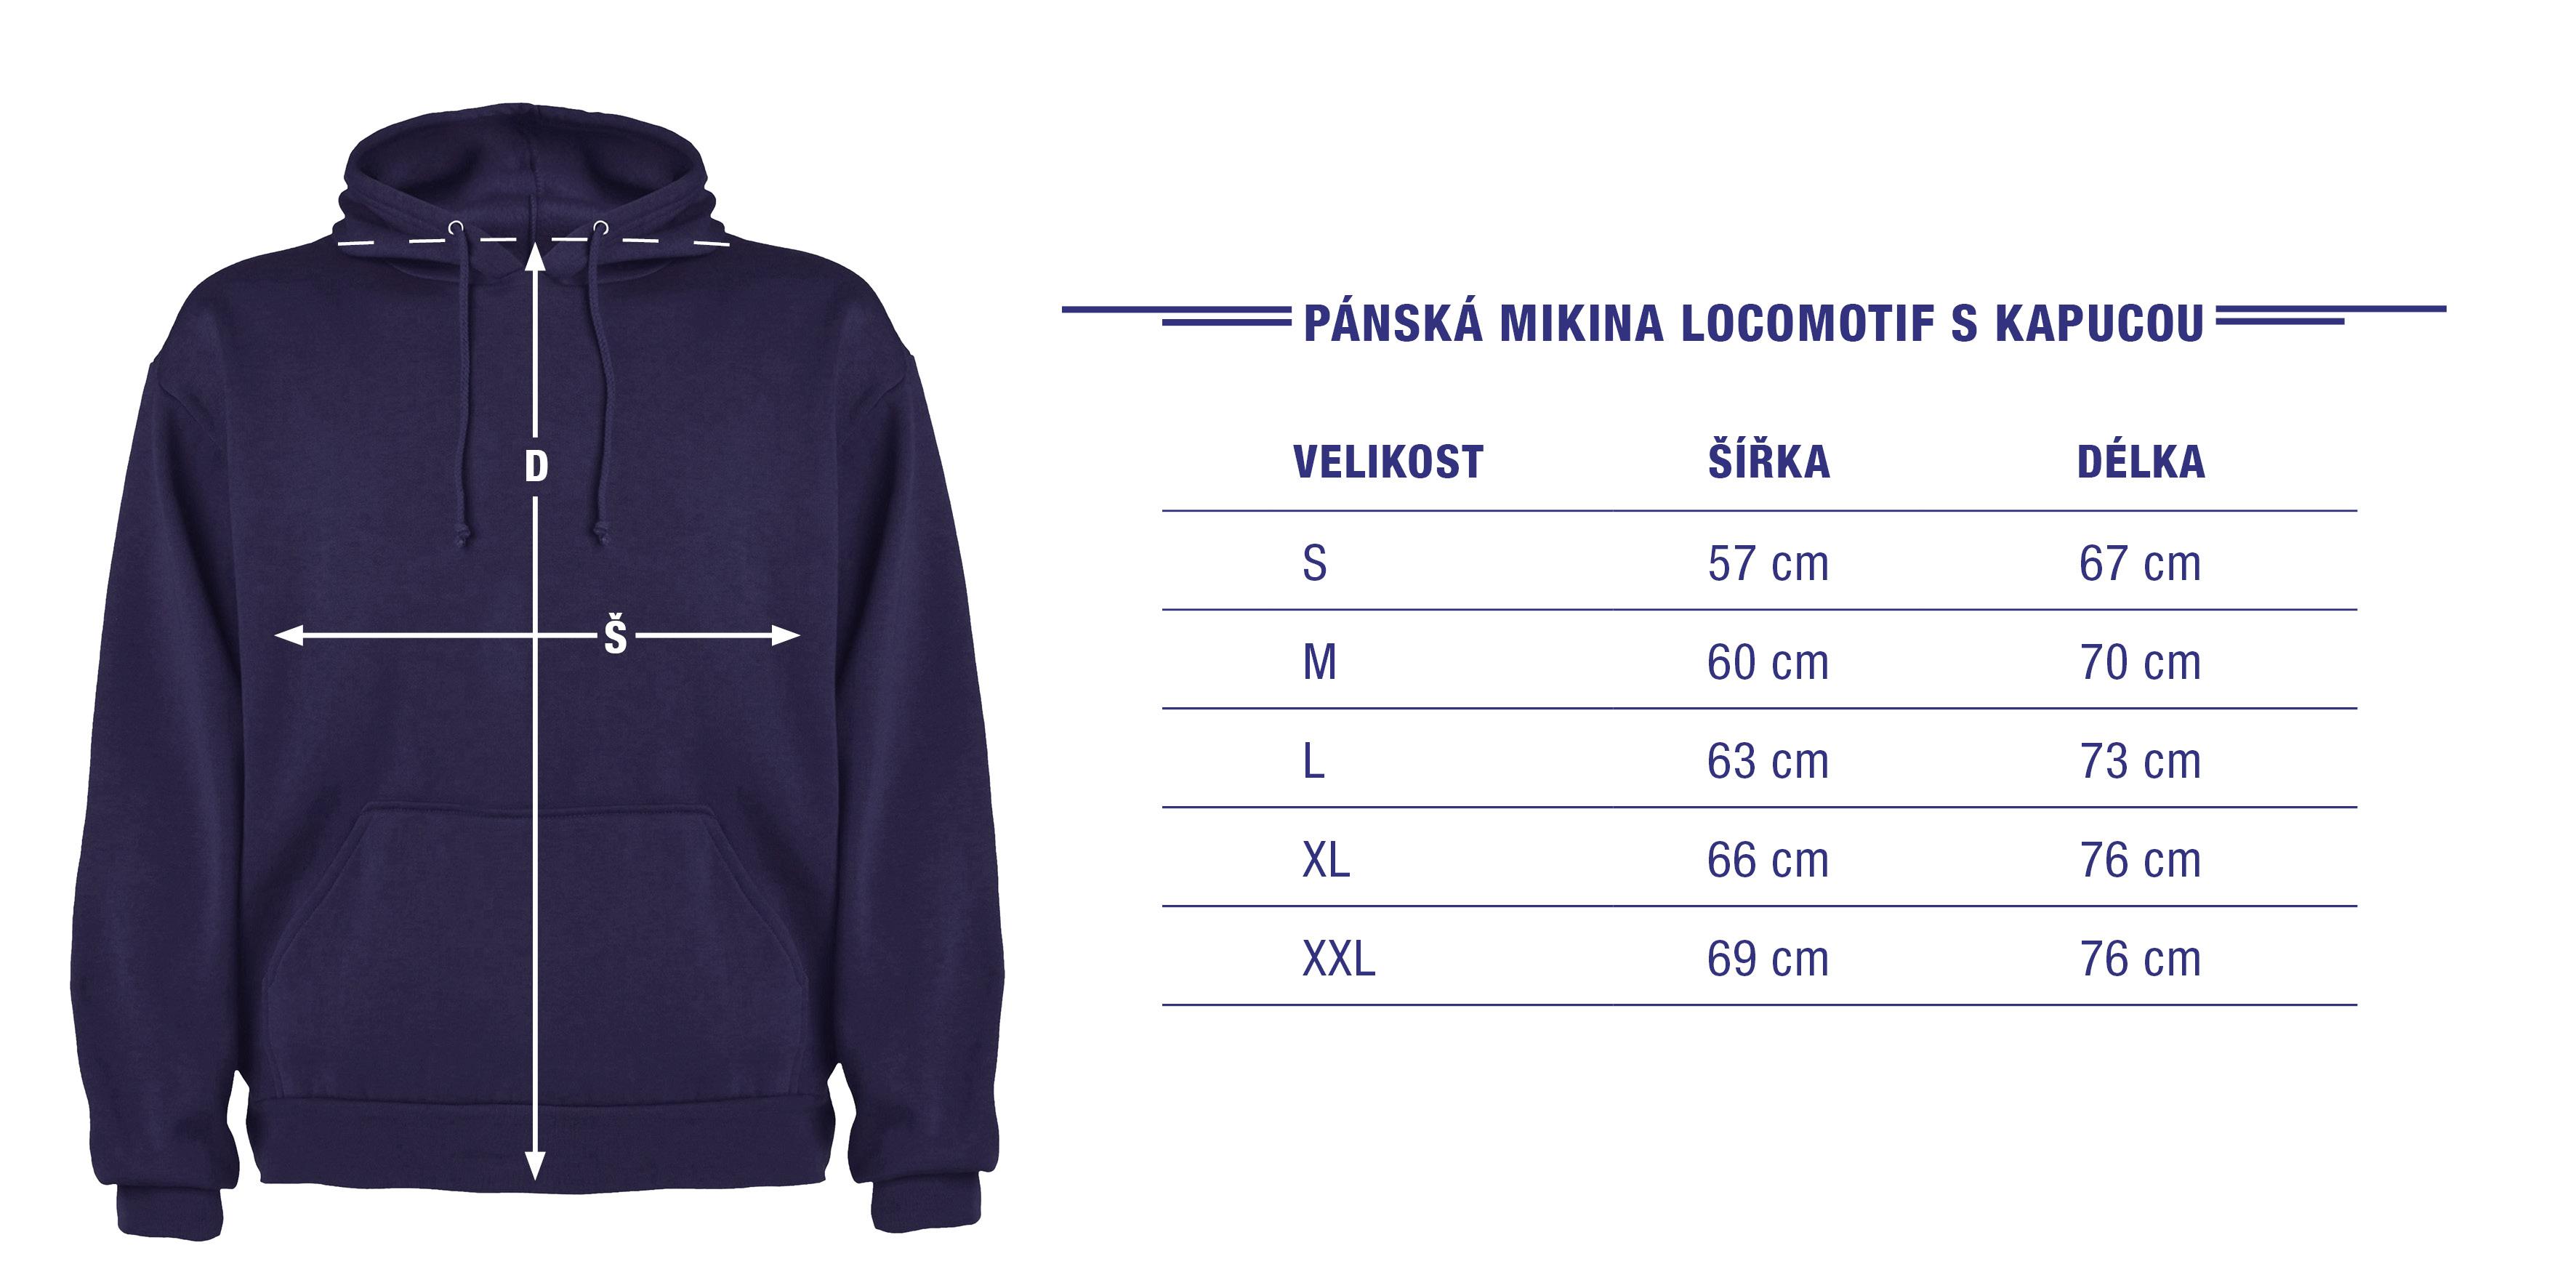 panska_mikina_kapuca_velikost